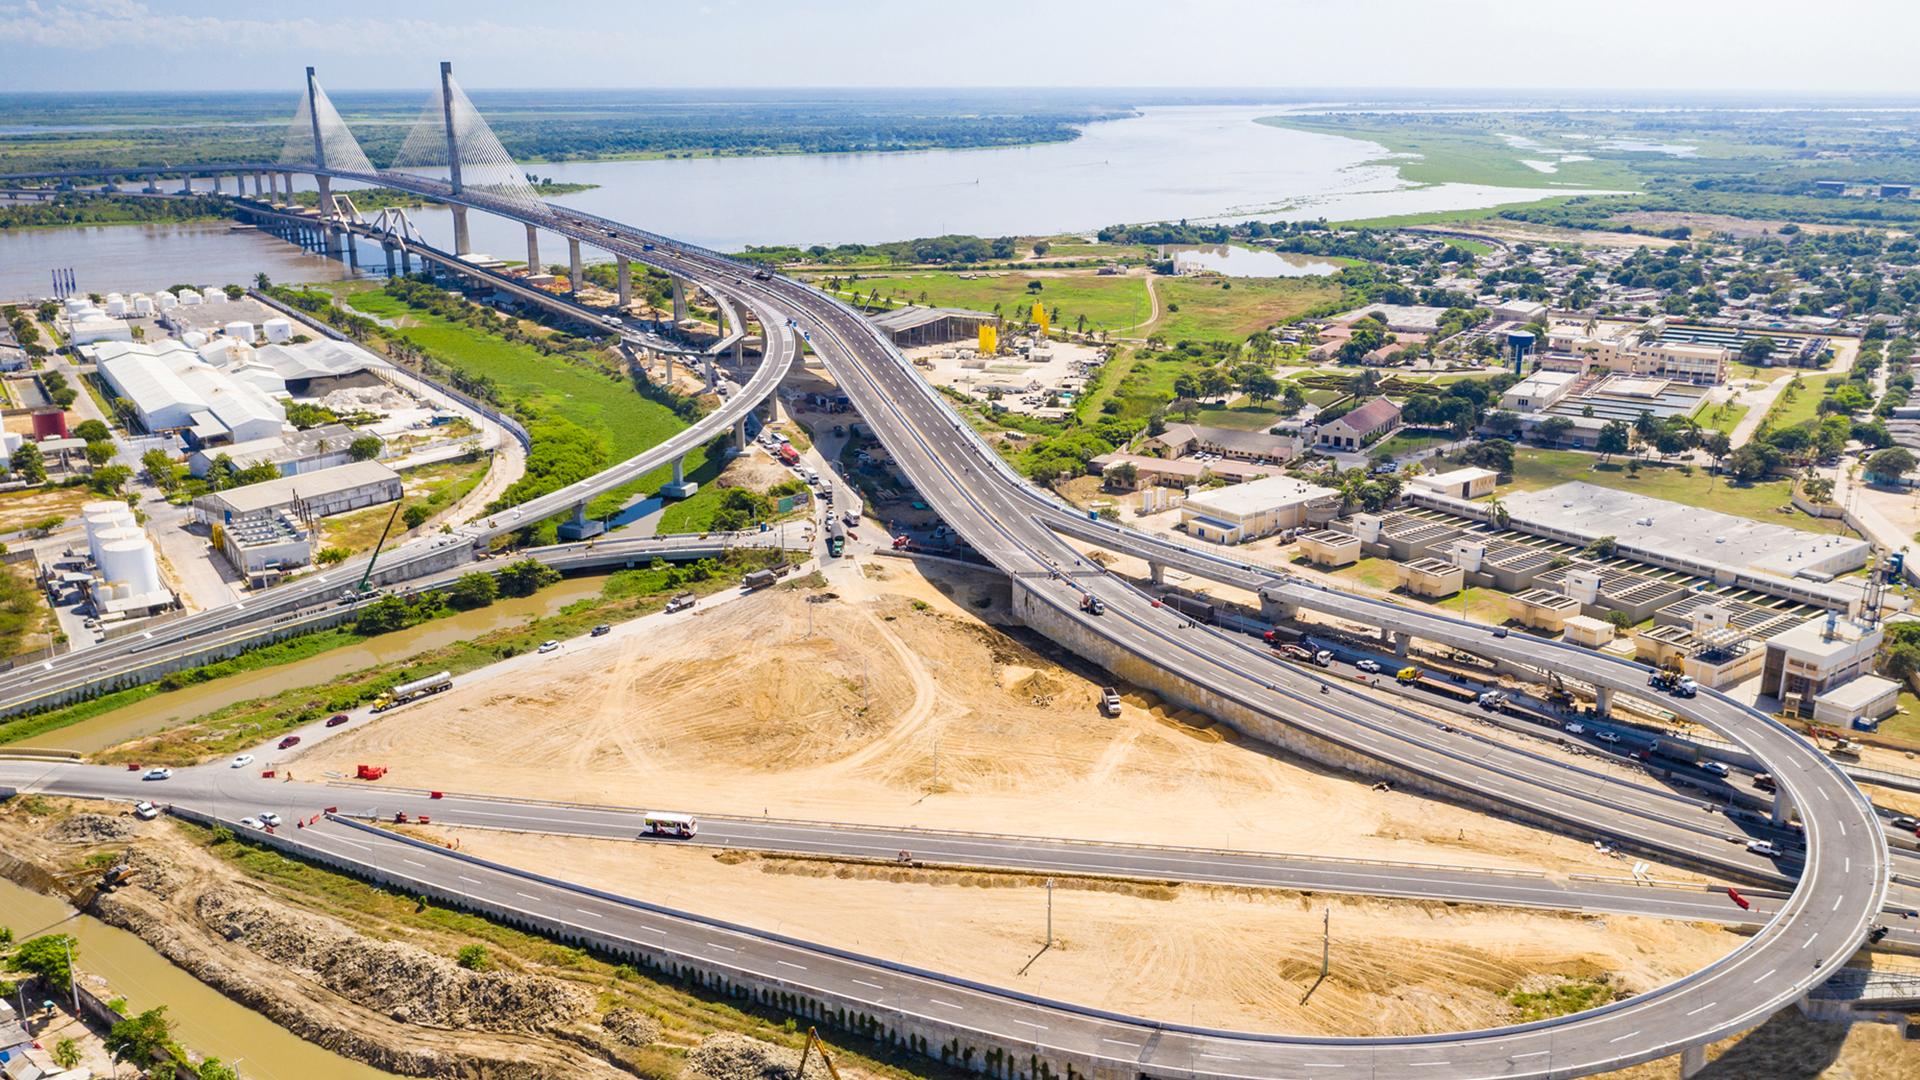 Foto aérea del nuevo puente Pumarejo, considerado el más largo del país.